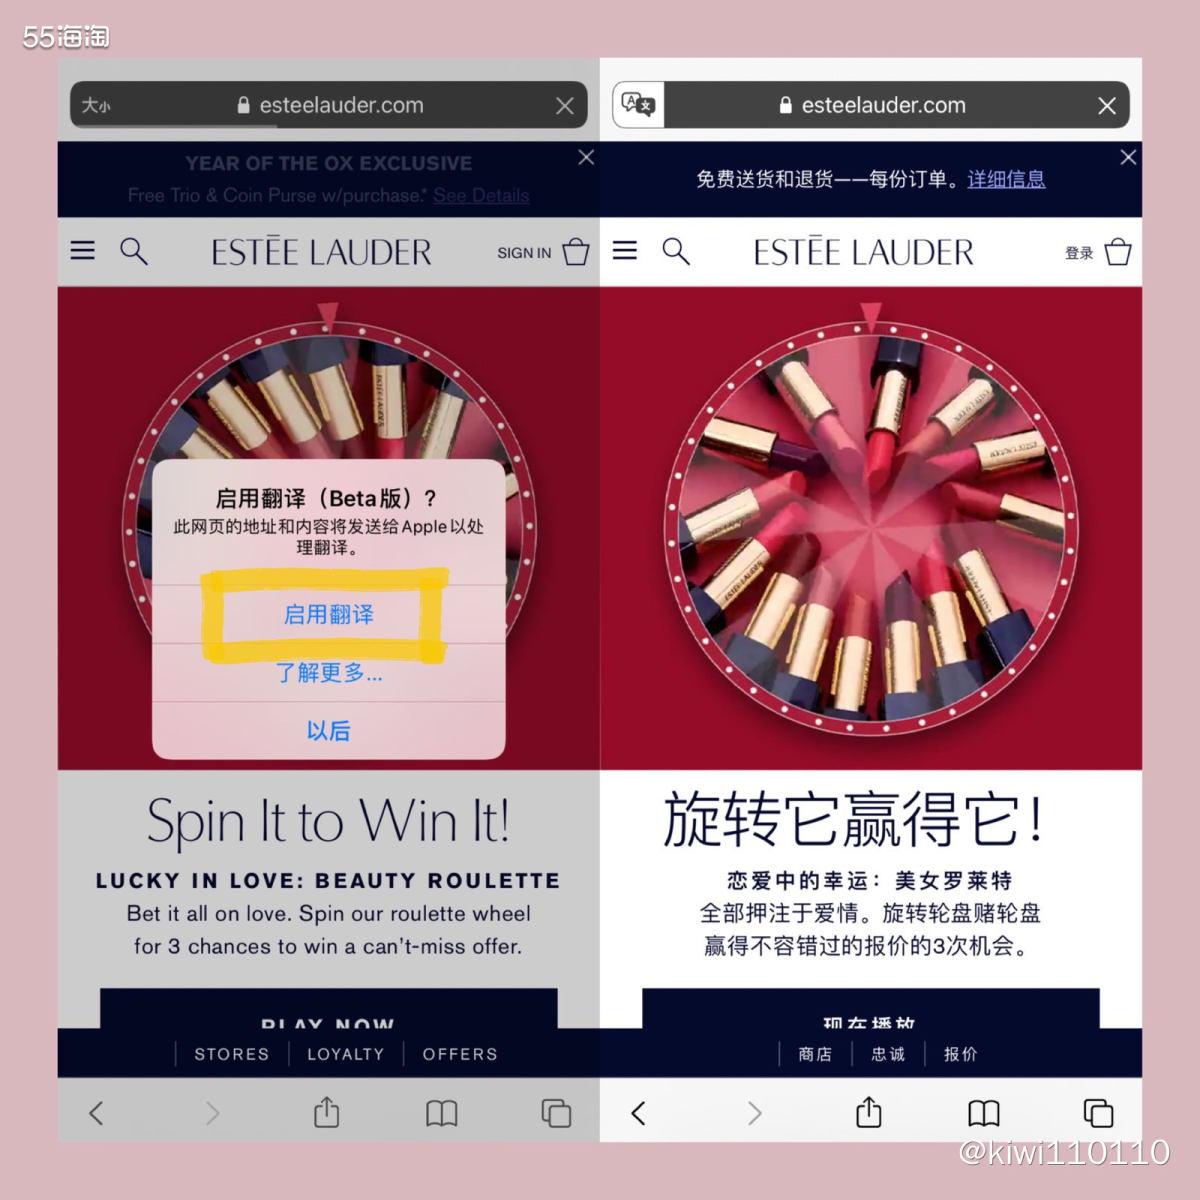 海淘知识点🤔怎么翻译海淘网站,不会英语也没关系!  😔大